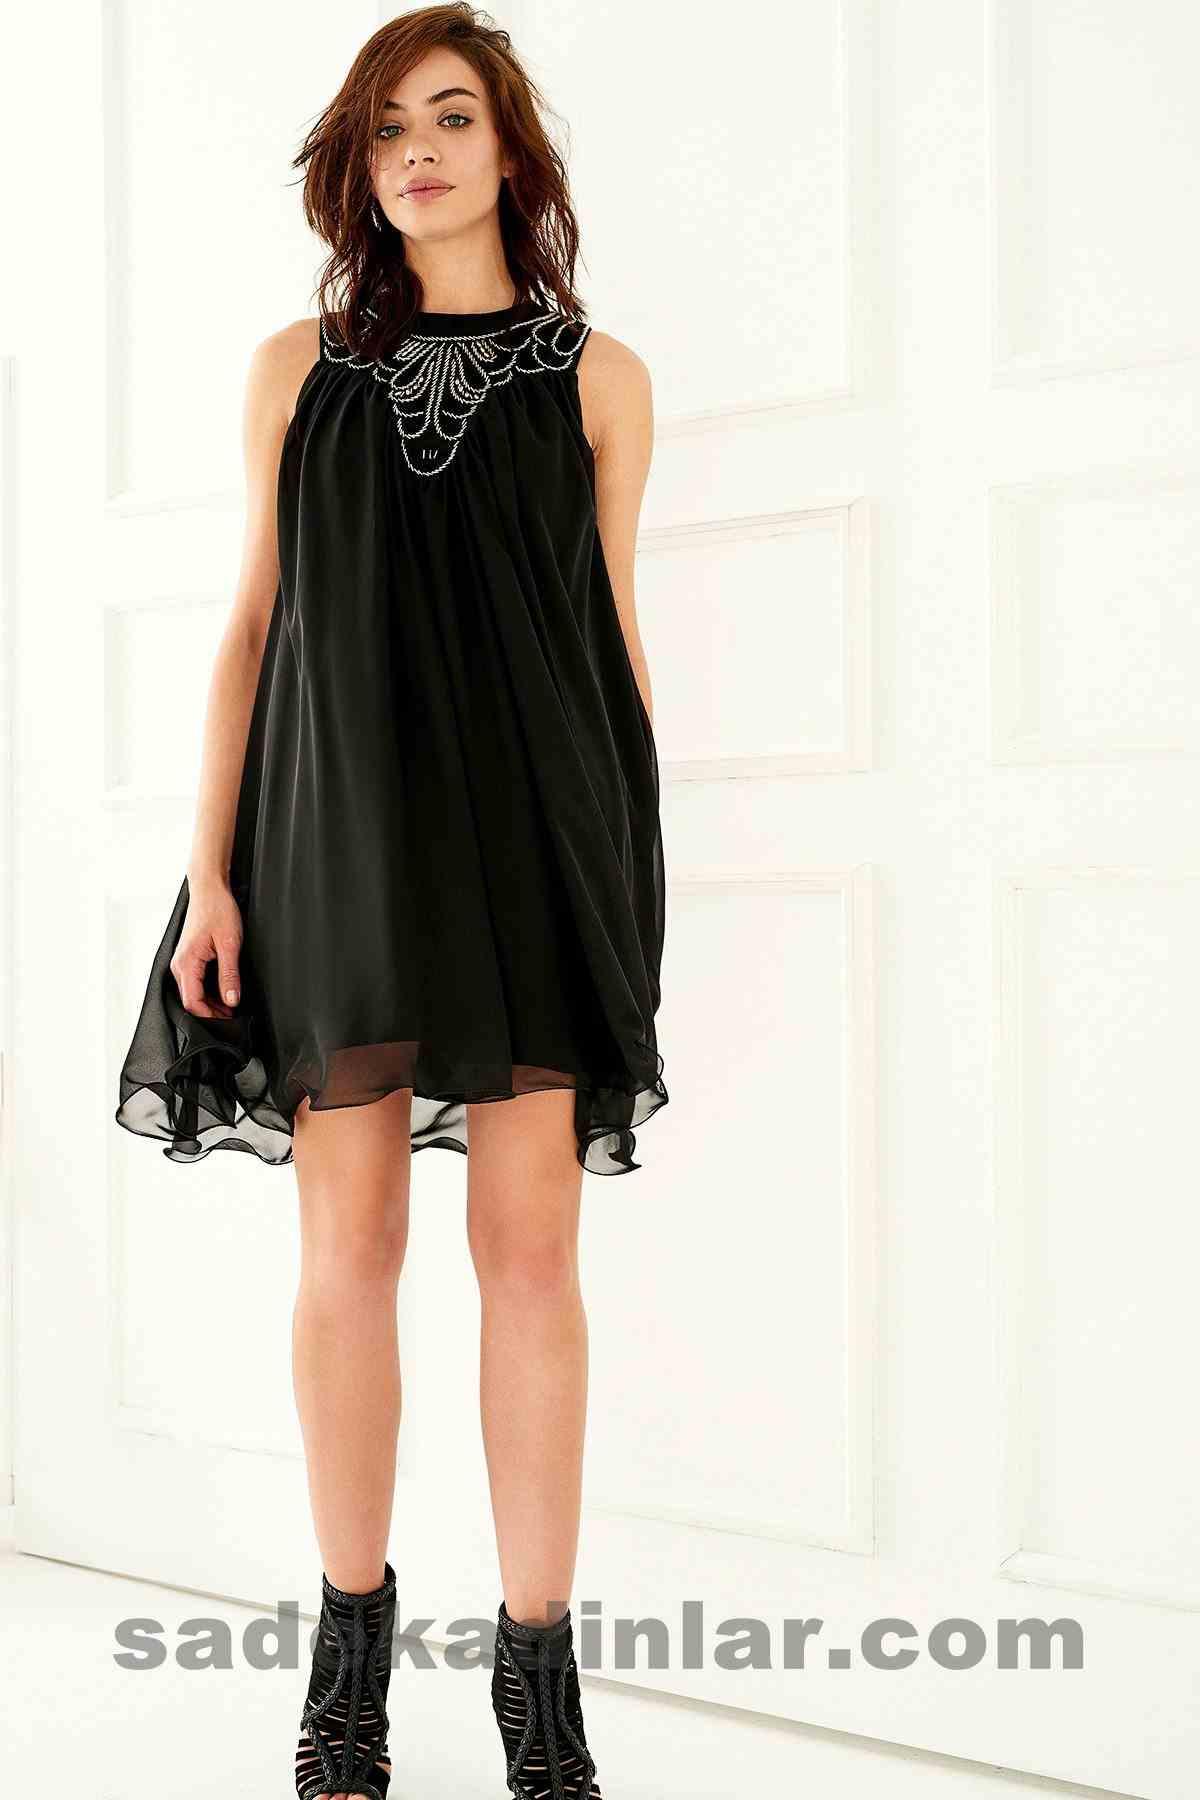 84ecff26134be Abiye Elbise Modelleri Şık ve Güzel 2019 Gece Elbiseleri Siyah Şifon  İşlemeli. «